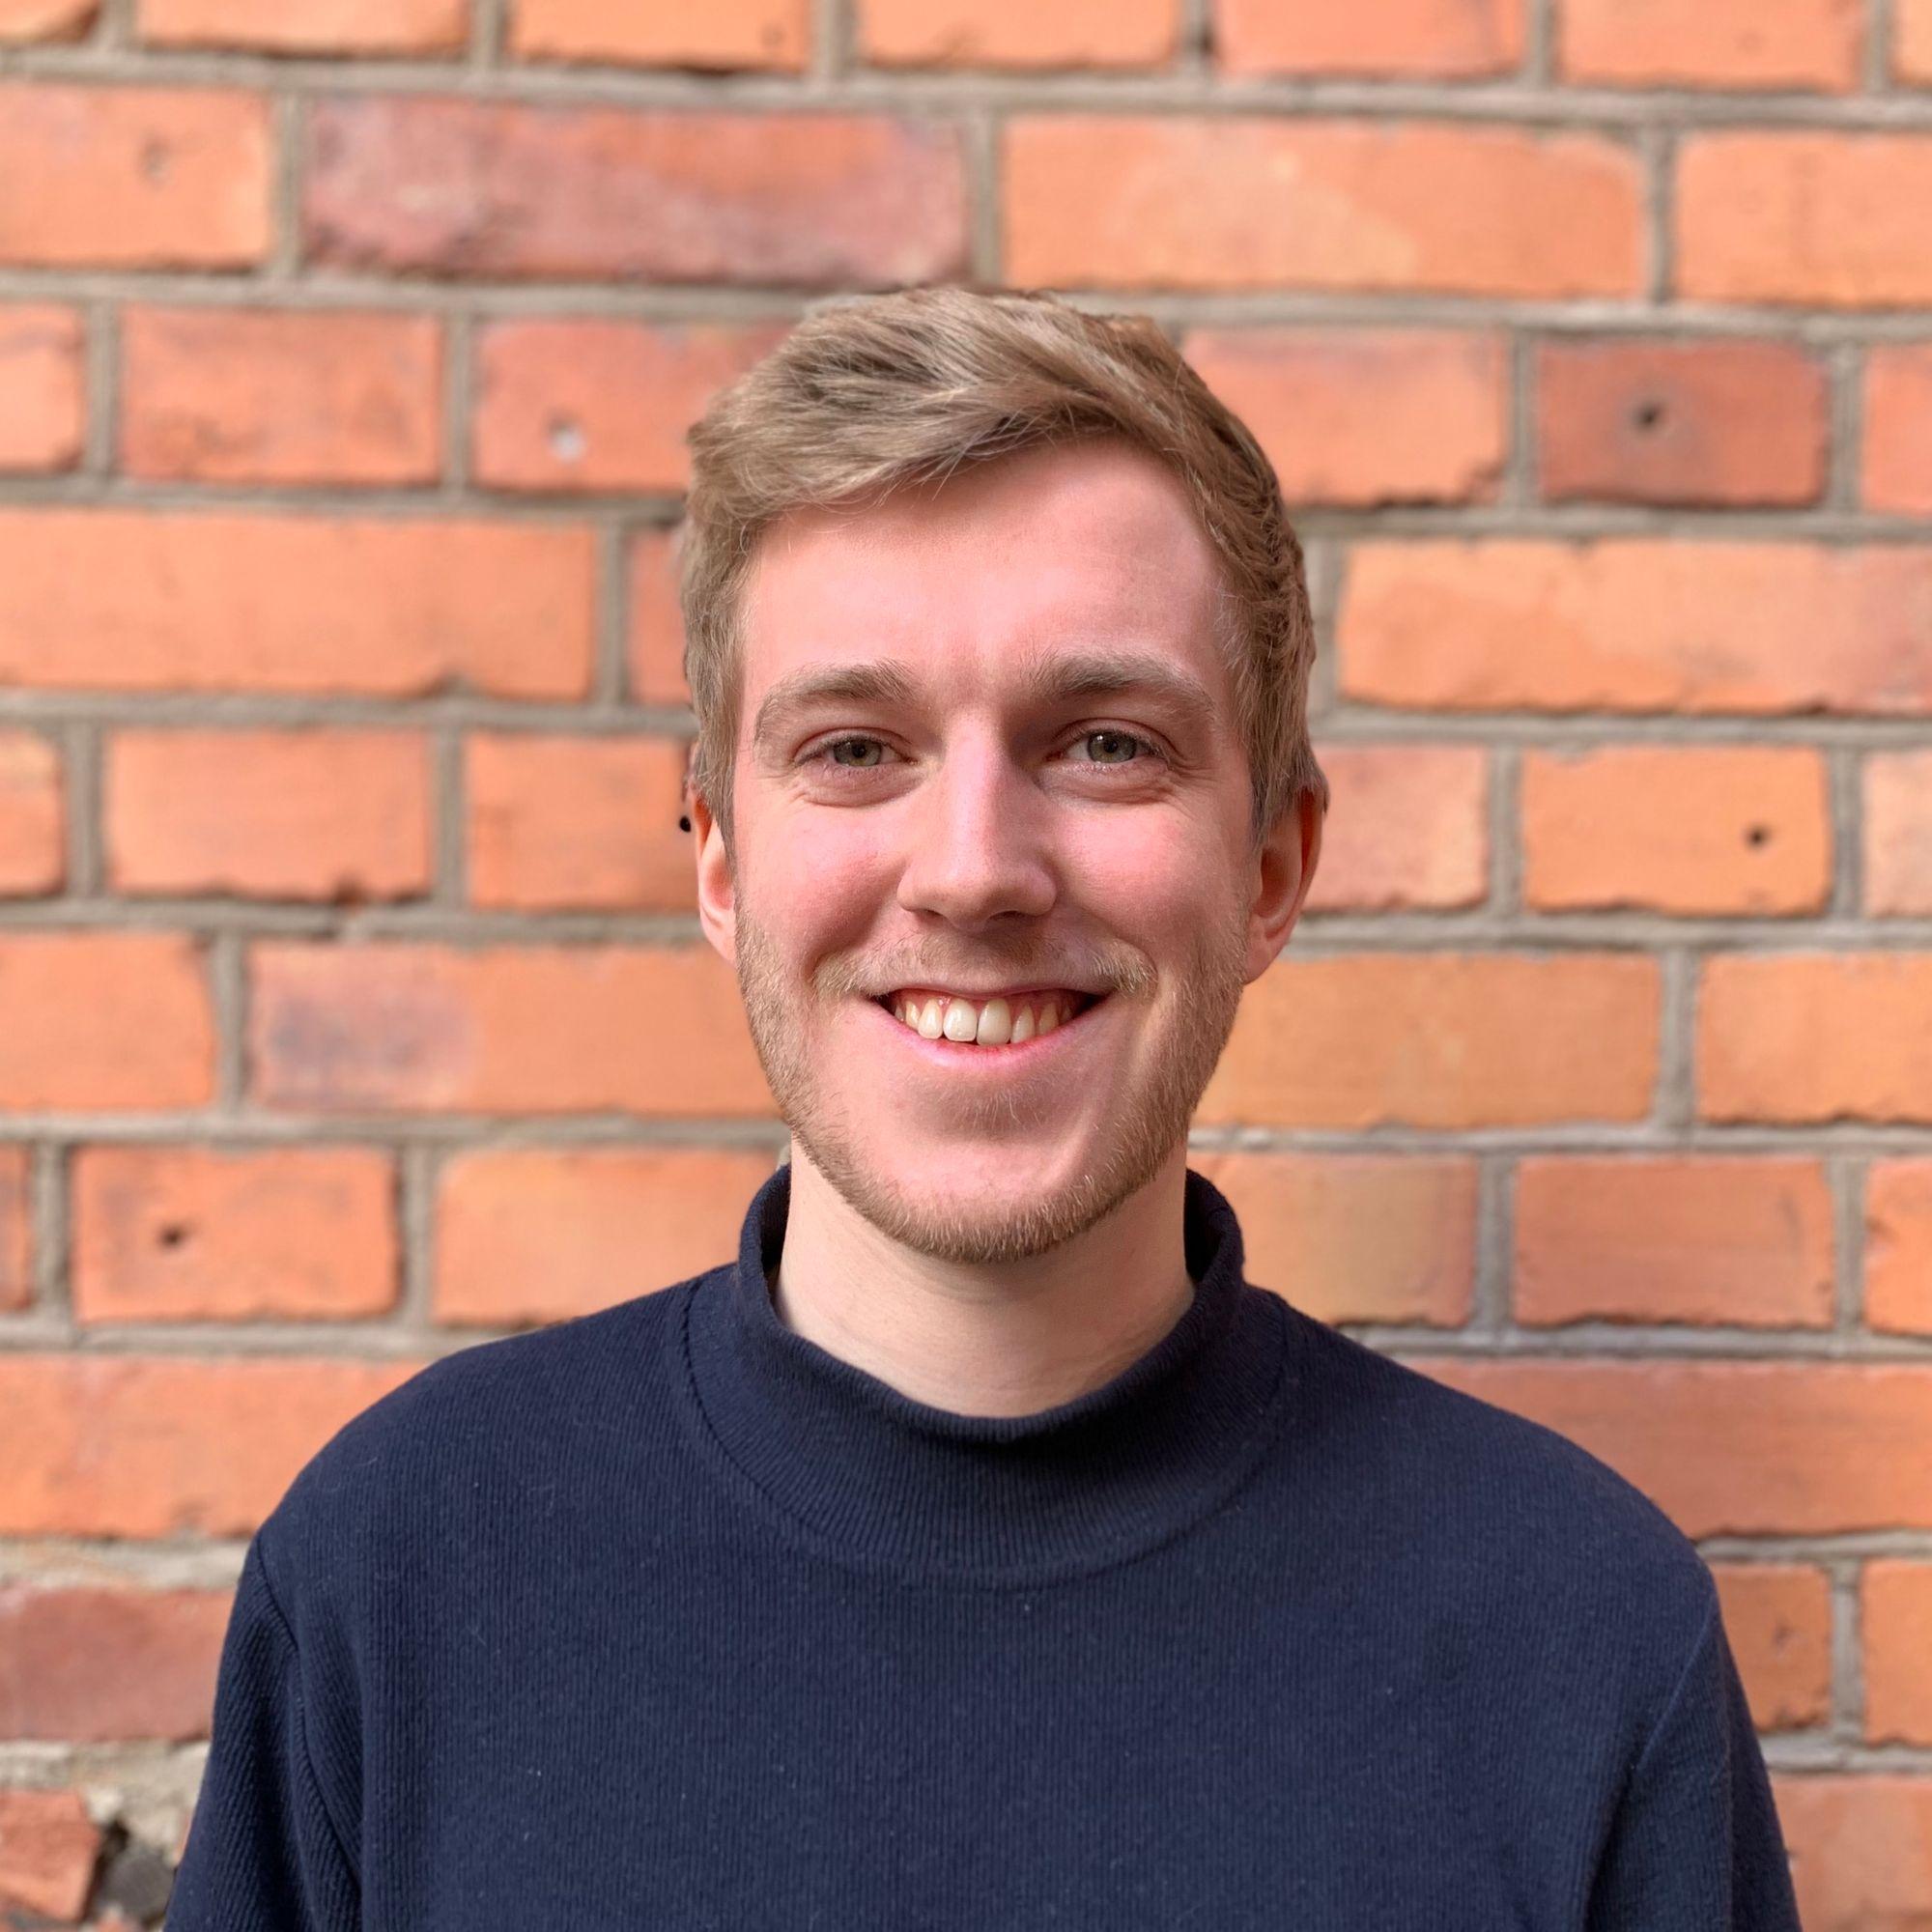 Matthew Staite